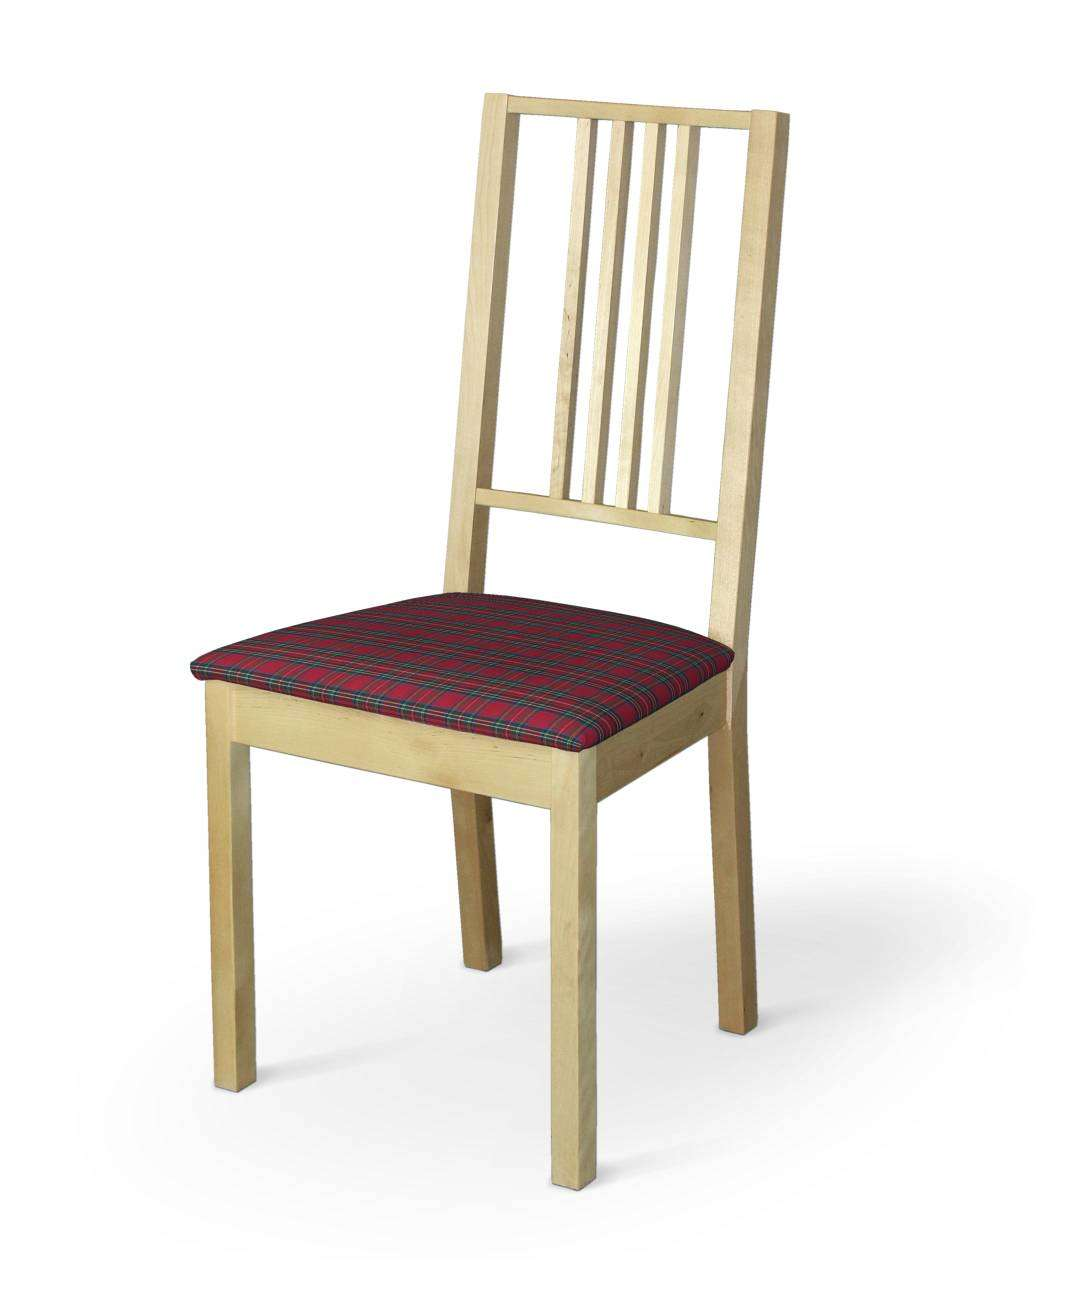 Pokrowiec na siedzisko Börje siedzisko Börje w kolekcji Bristol, tkanina: 126-29